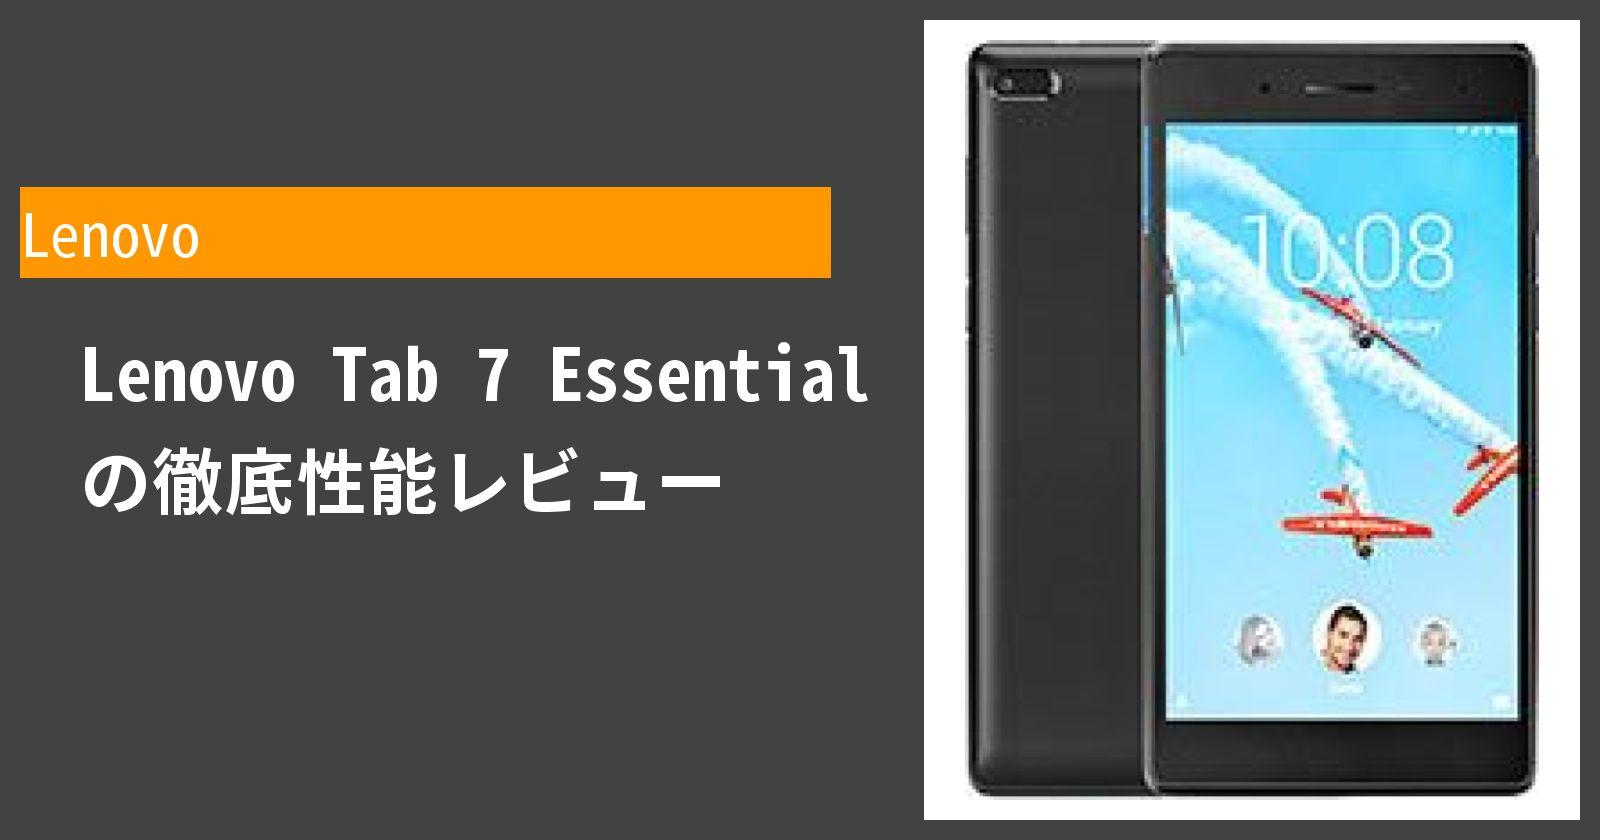 Lenovo Tab 7 Essential の徹底性能レビュー